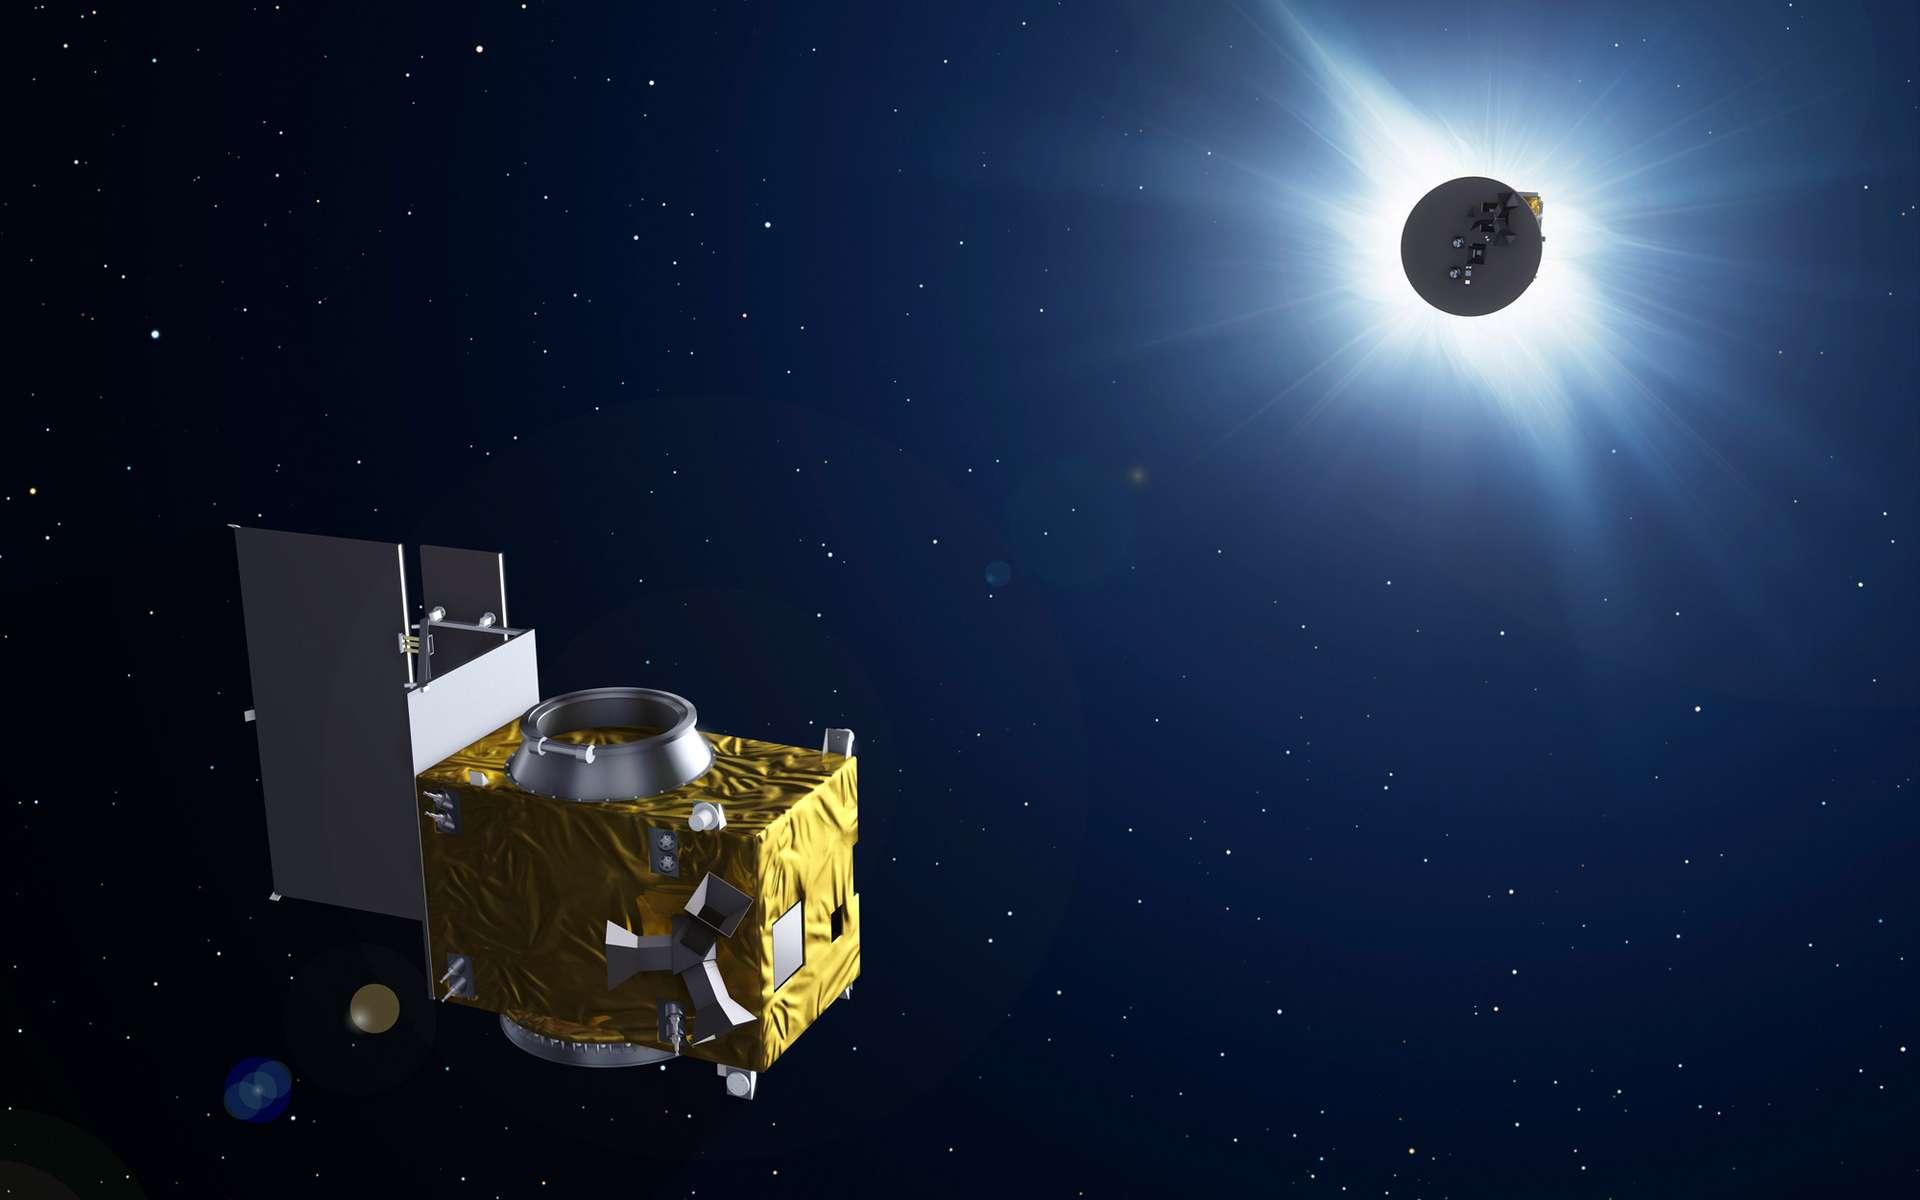 Proba-3 n'est pas seulement une mission de démonstration de technologies nouvelles. Les deux satellites qui la composent vont provoquer des éclipses solaires de façon à observer l'atmosphère extérieure du Soleil. © ESA, P. Carril